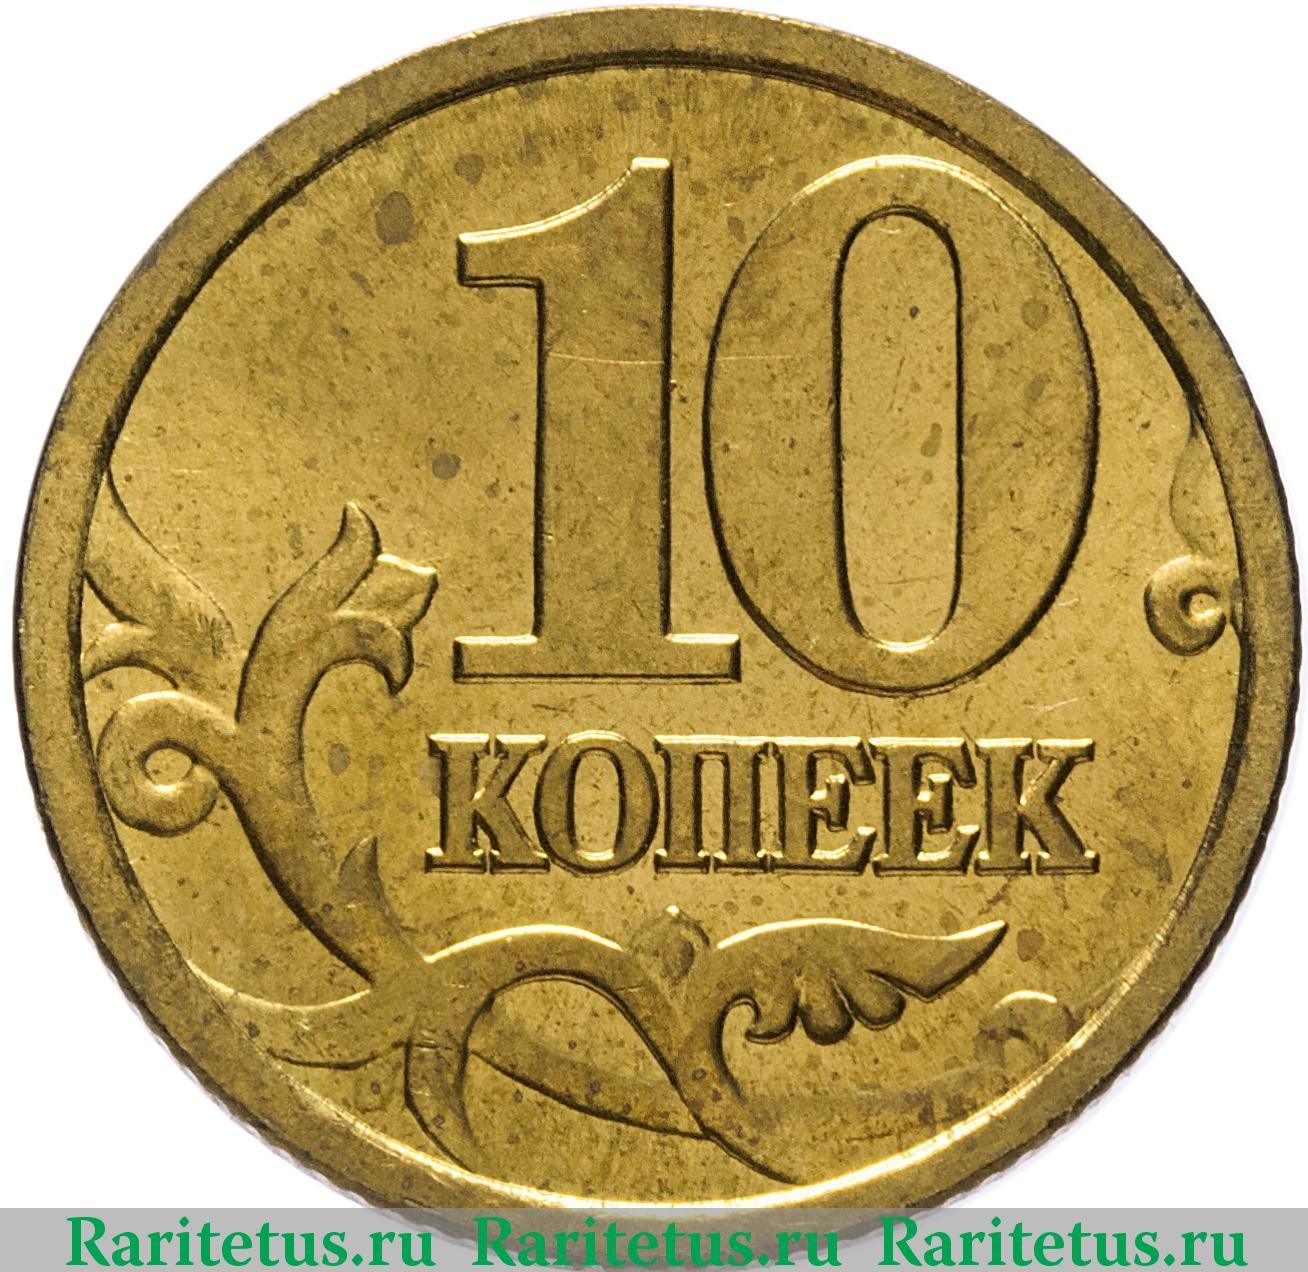 10 копеек 1997 года стоимость сп монеты 1961 года 20 копеек